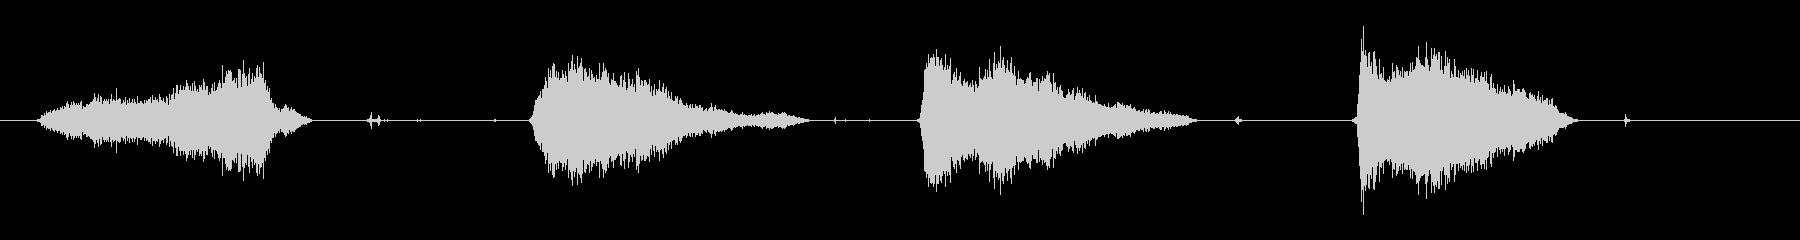 定規と鉛筆で線を引くSEの未再生の波形